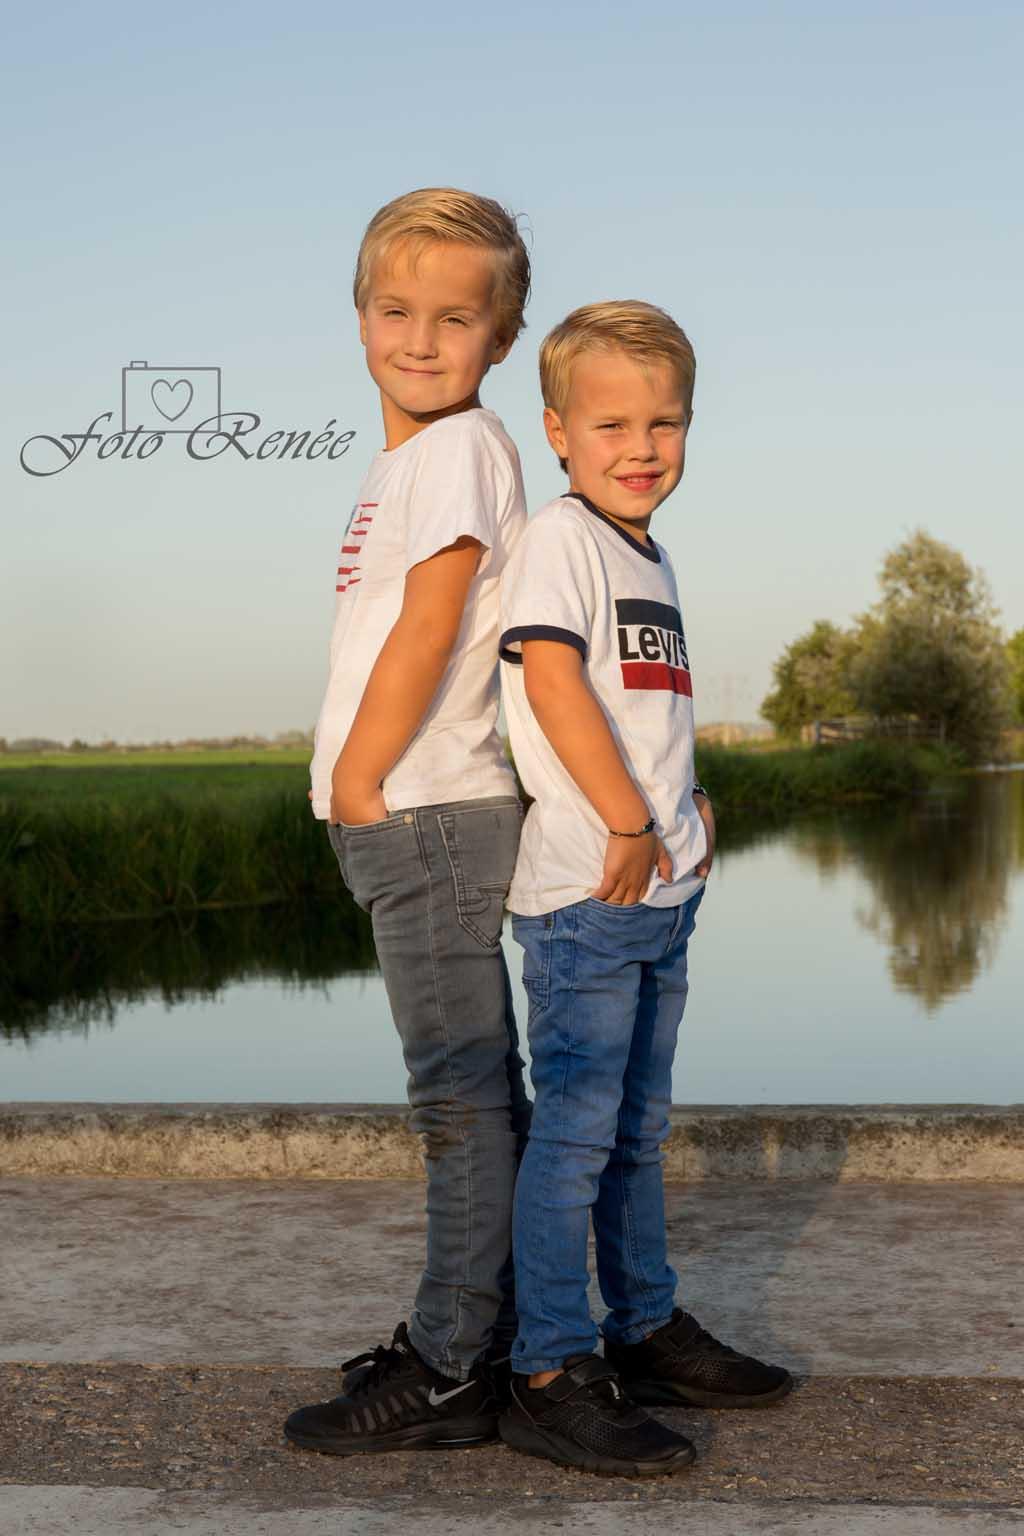 Twee stoere broertjes in het Steinse groen tijdens een leuke familieshoot